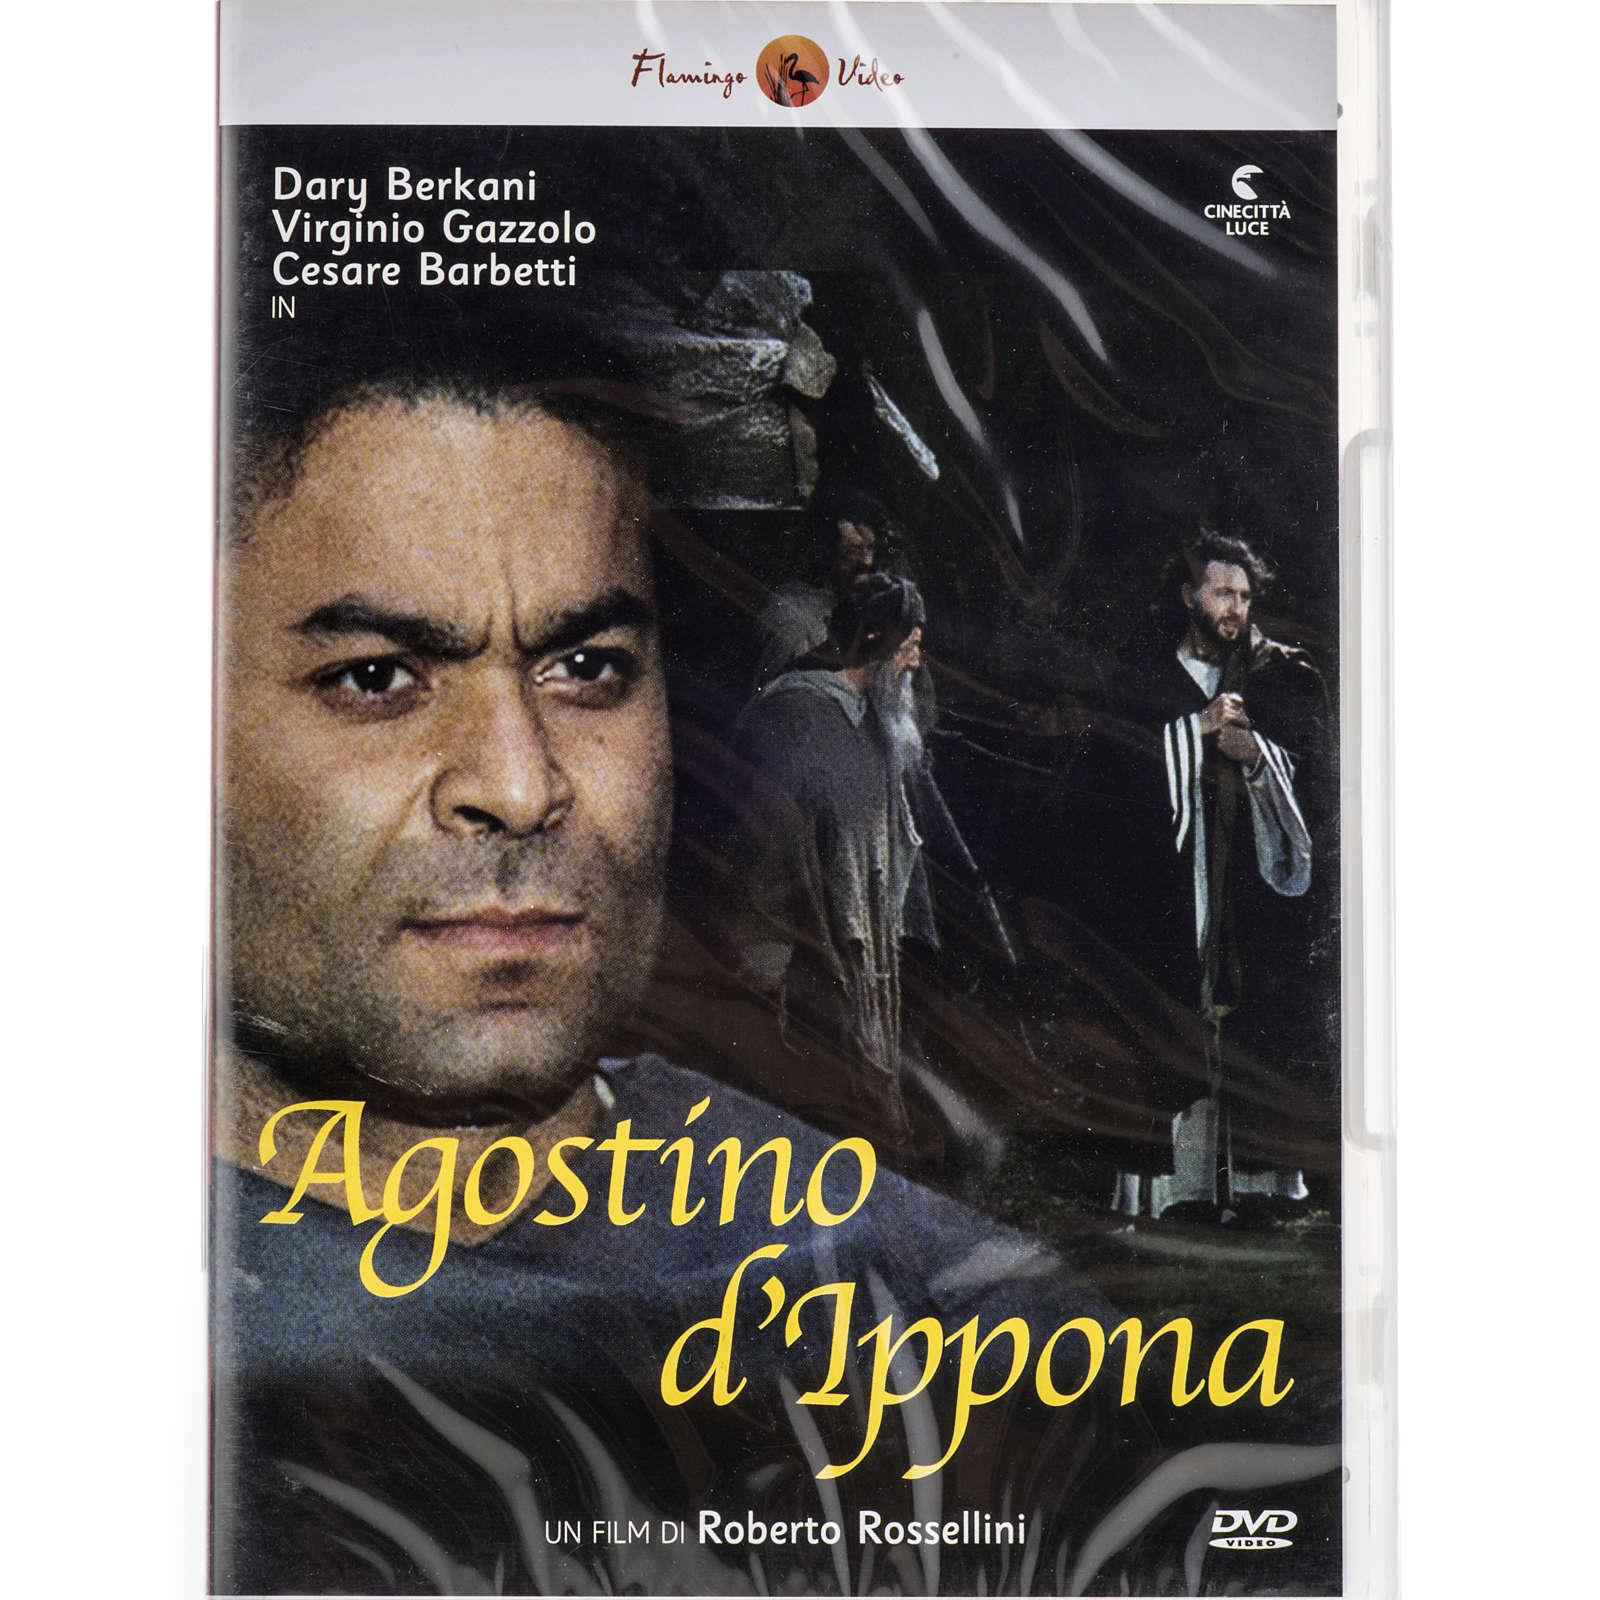 Agostino d'Ippona 3